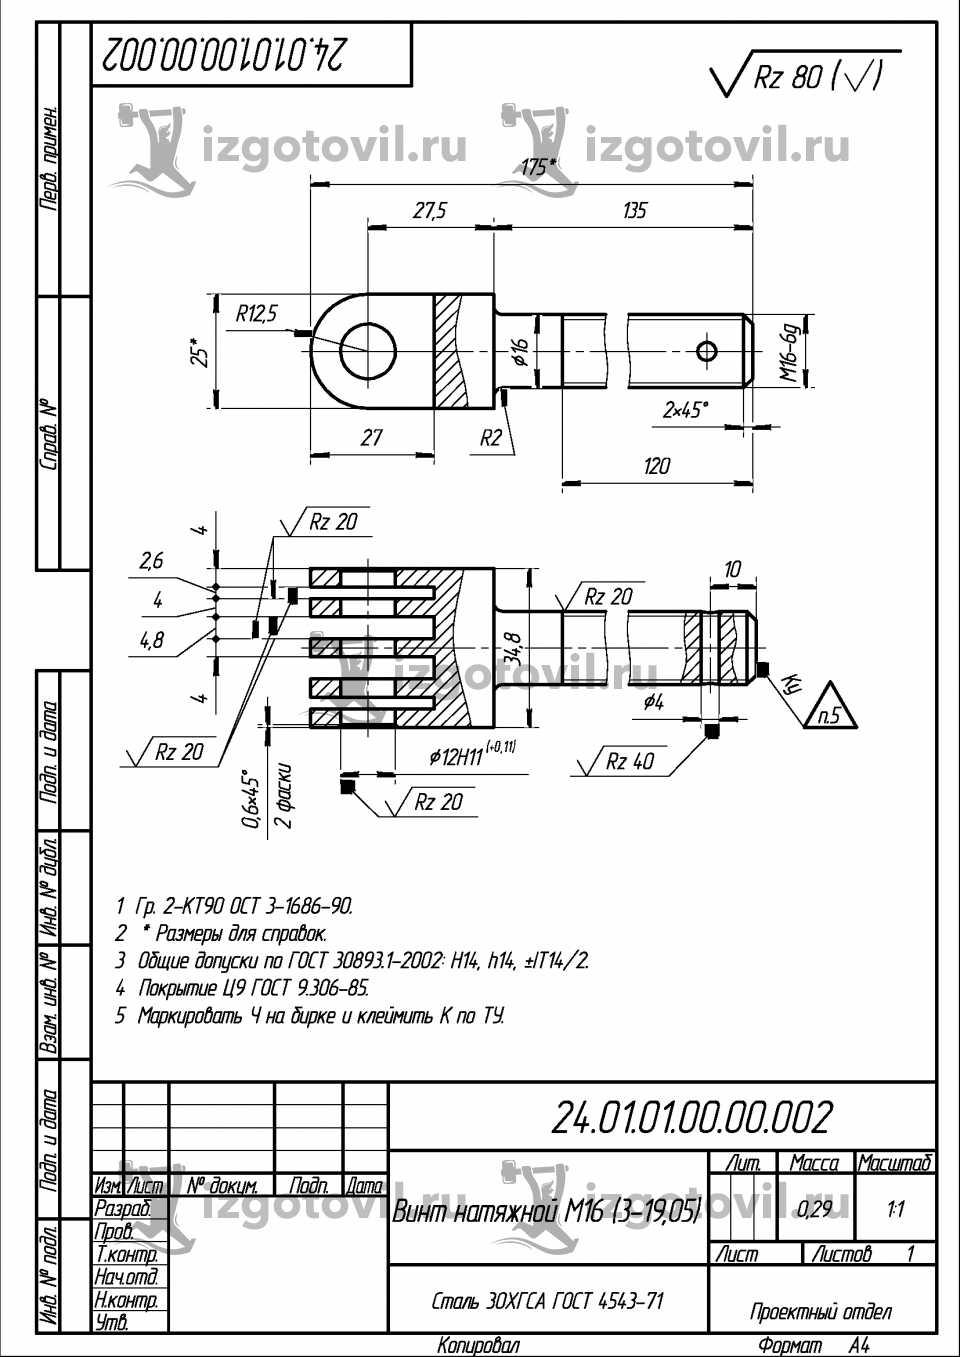 Токарная обработка деталей - Вилка